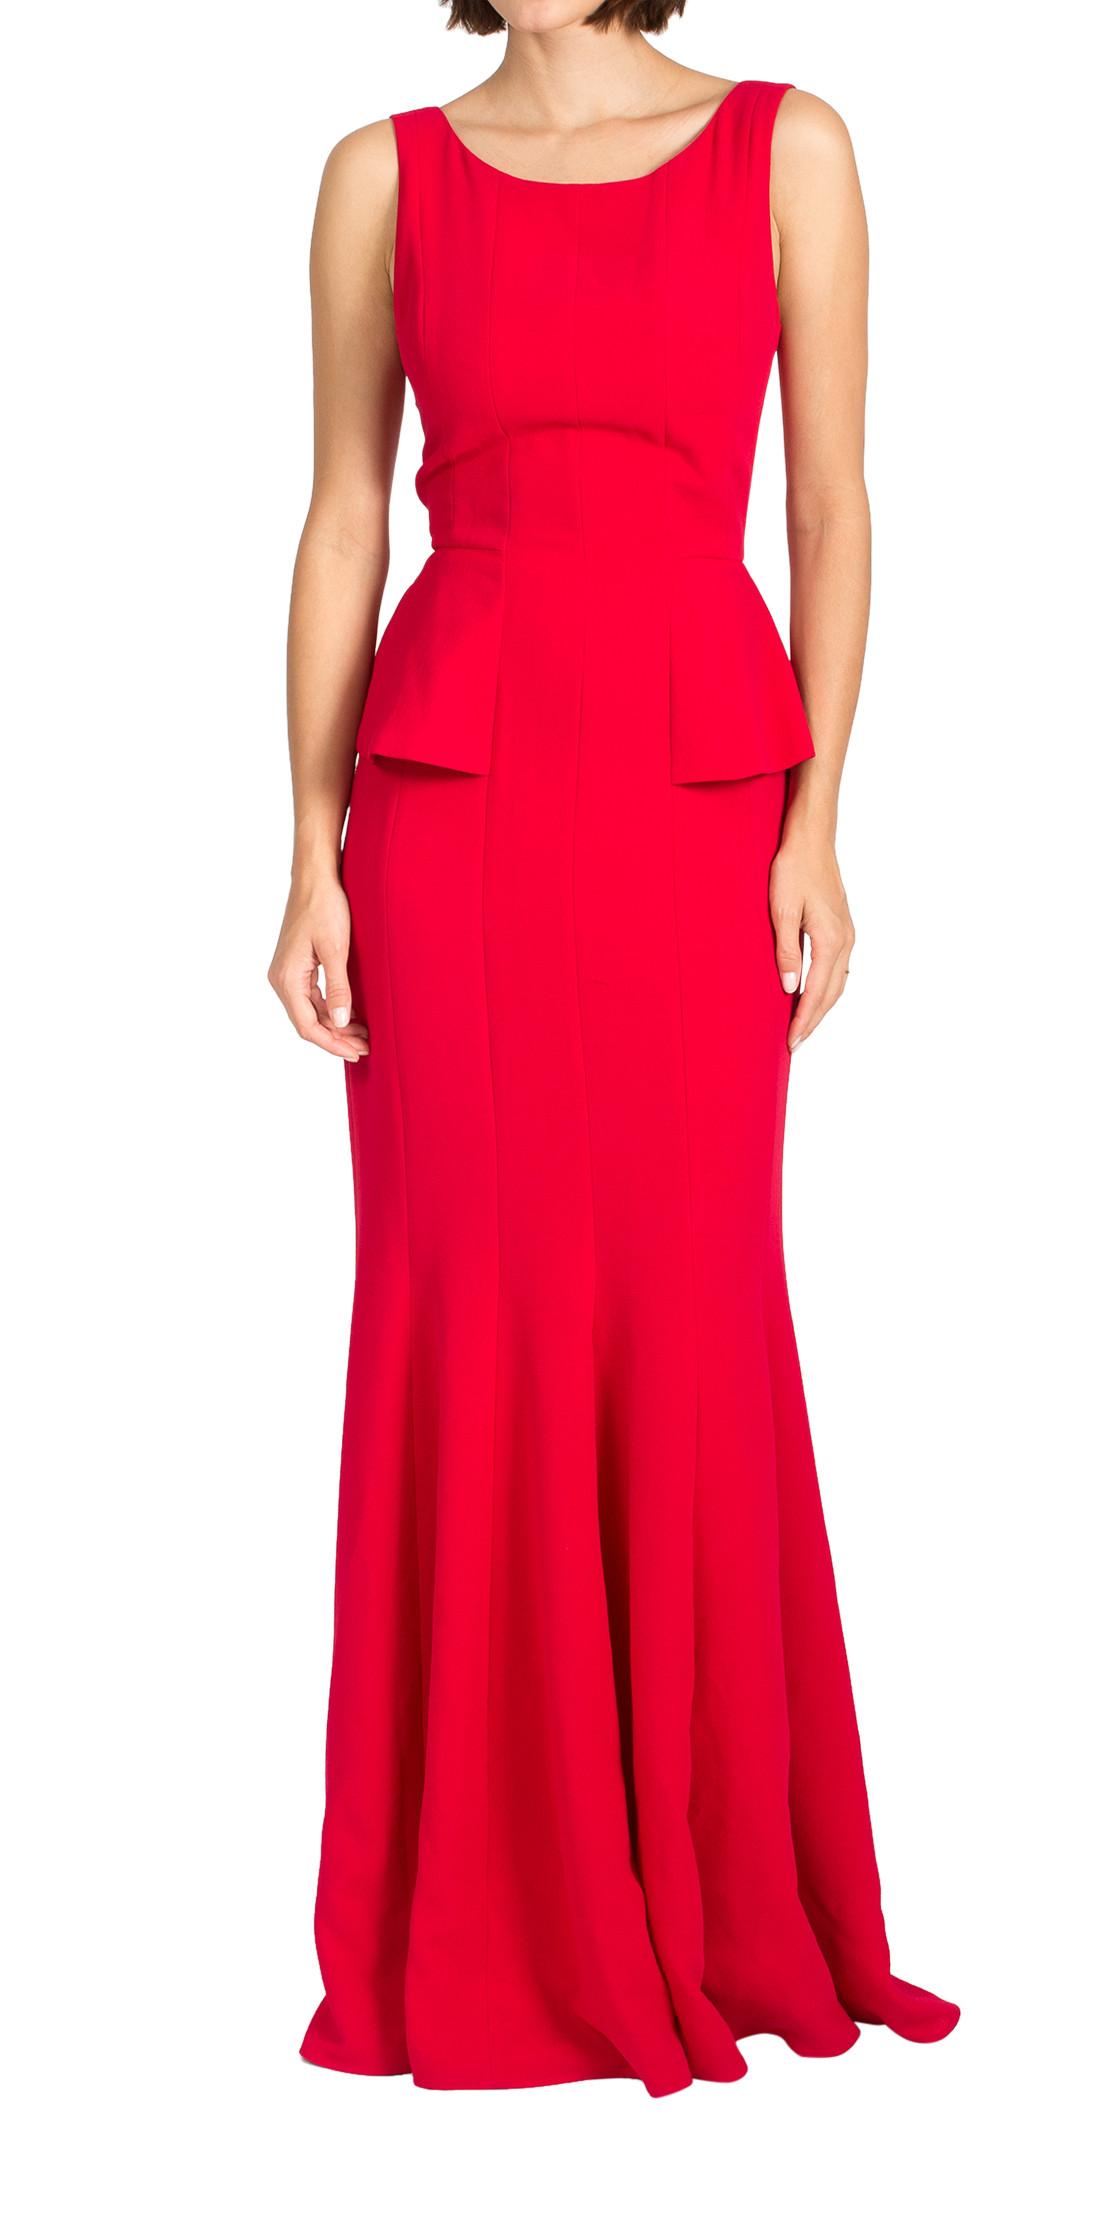 BCBG Maxazria Sleeveless Peplum Dress